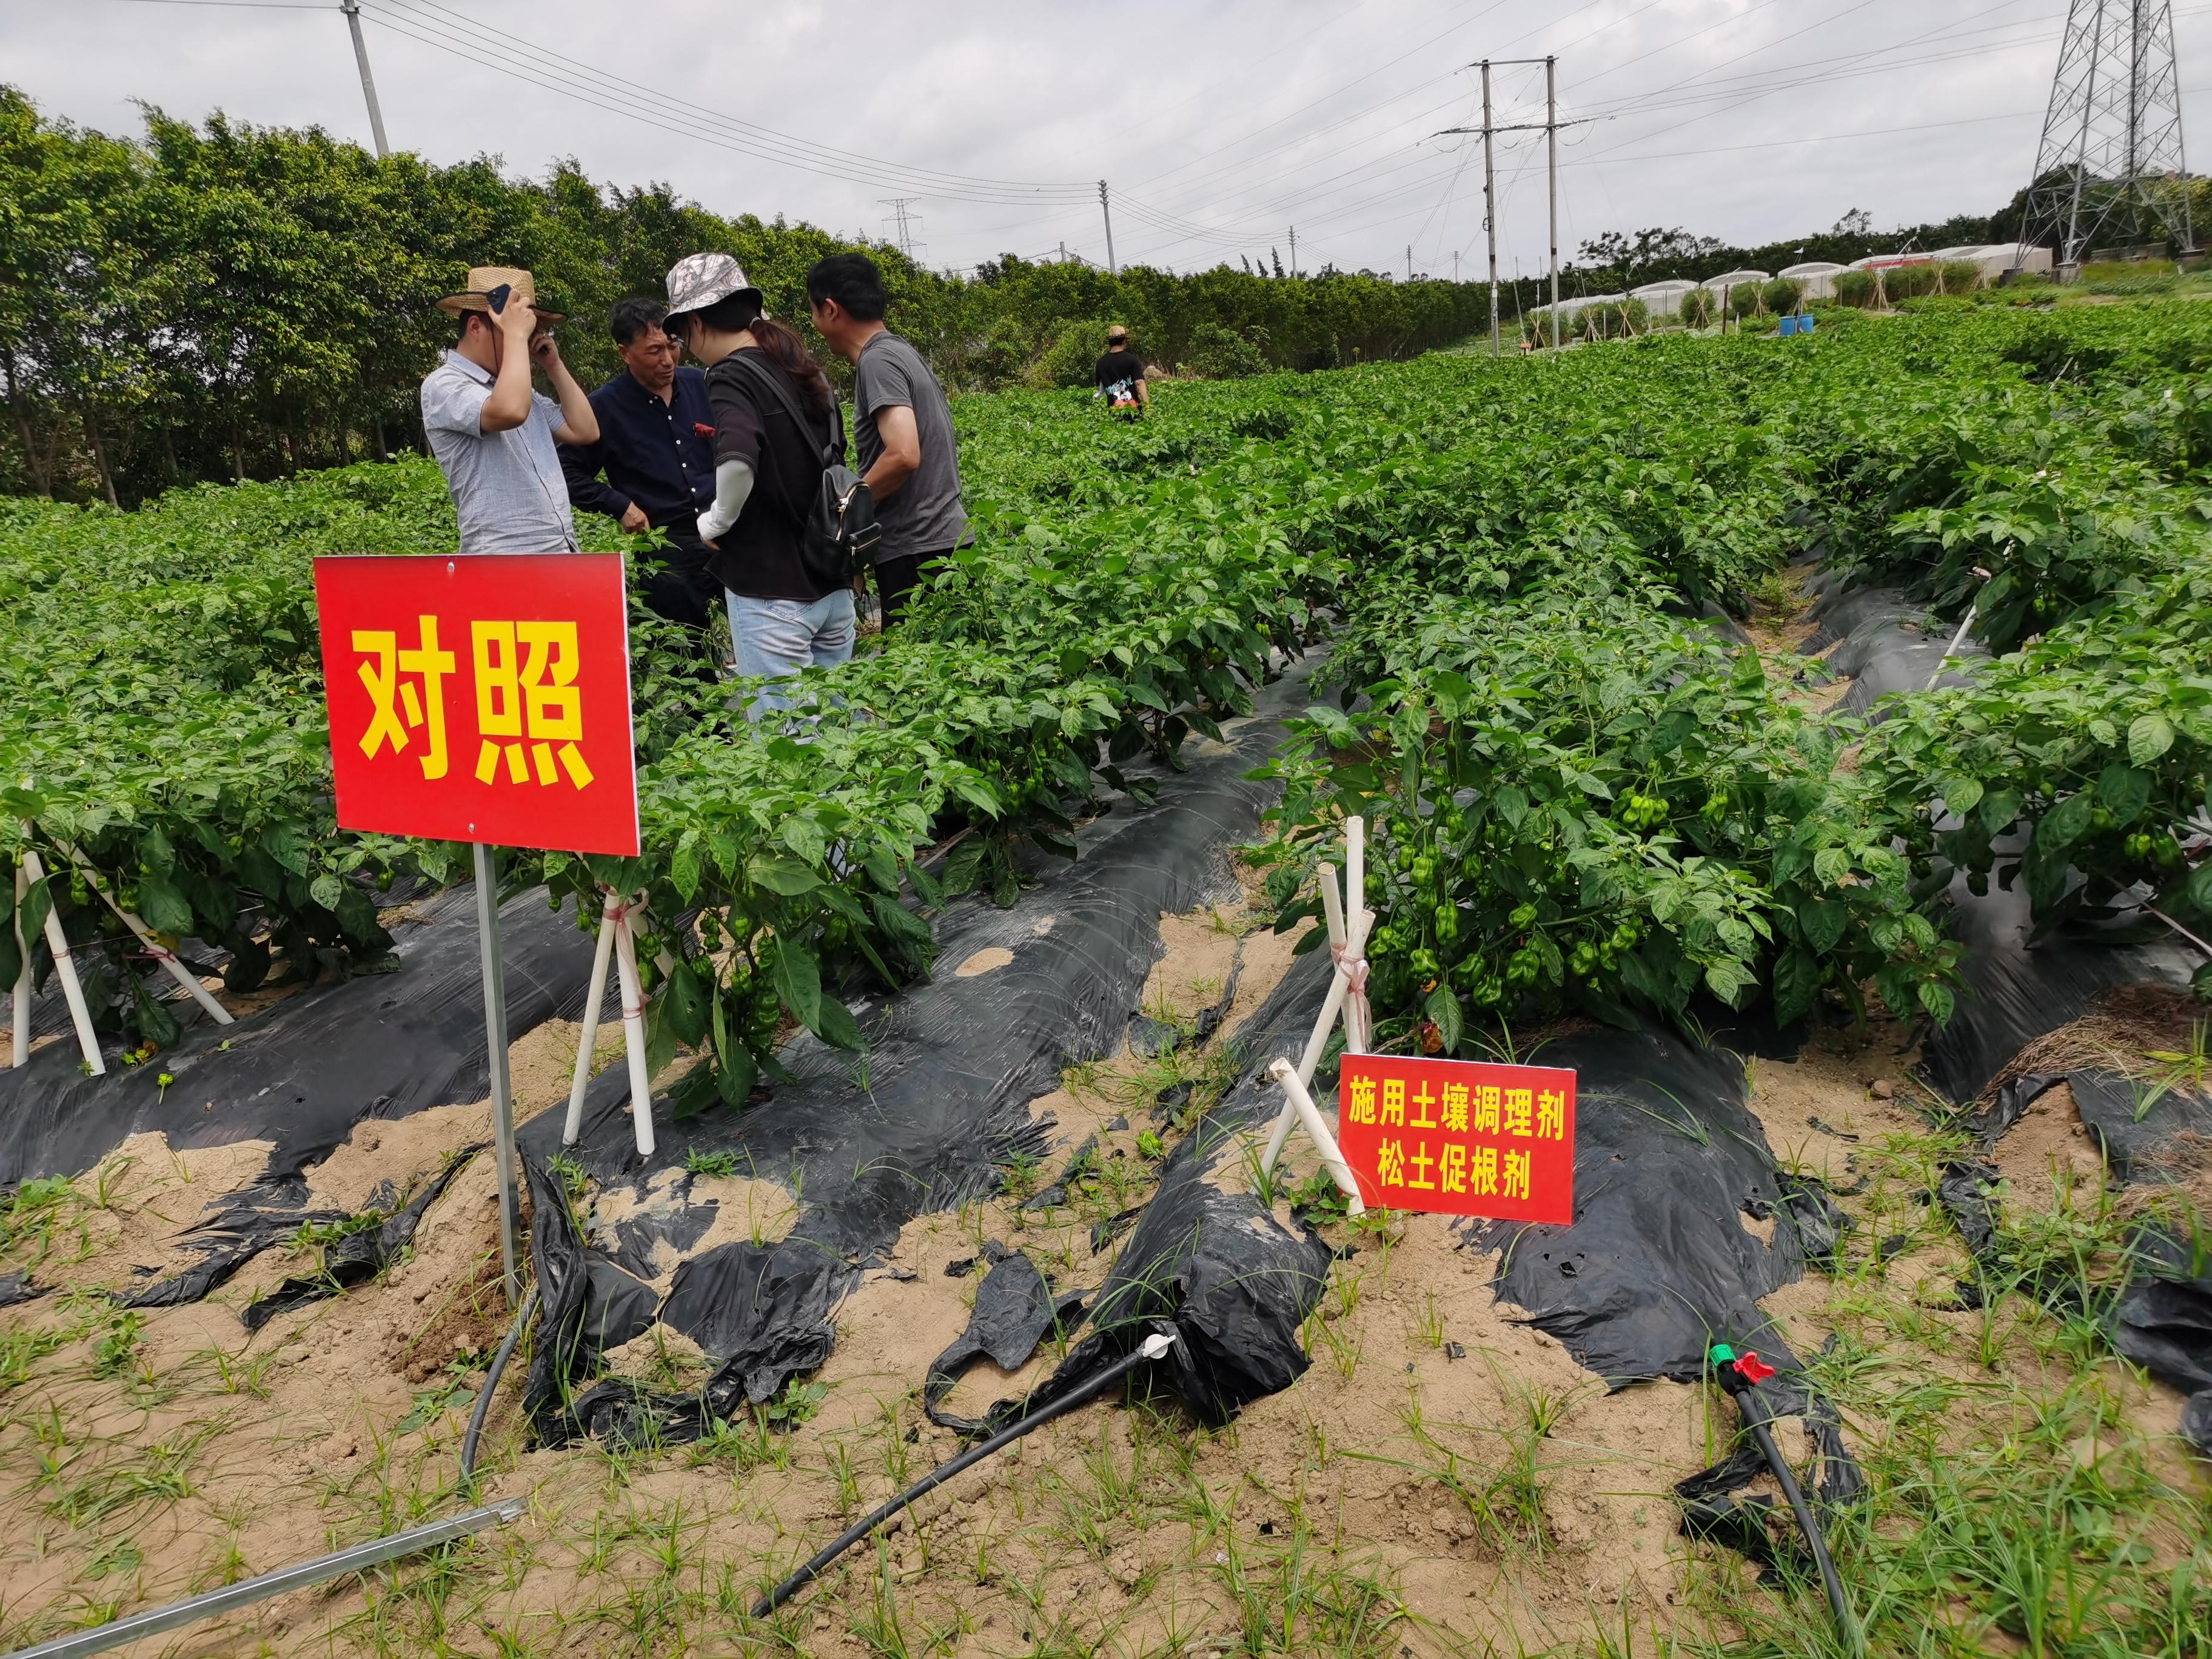 科学发展农业,提高耕地质量